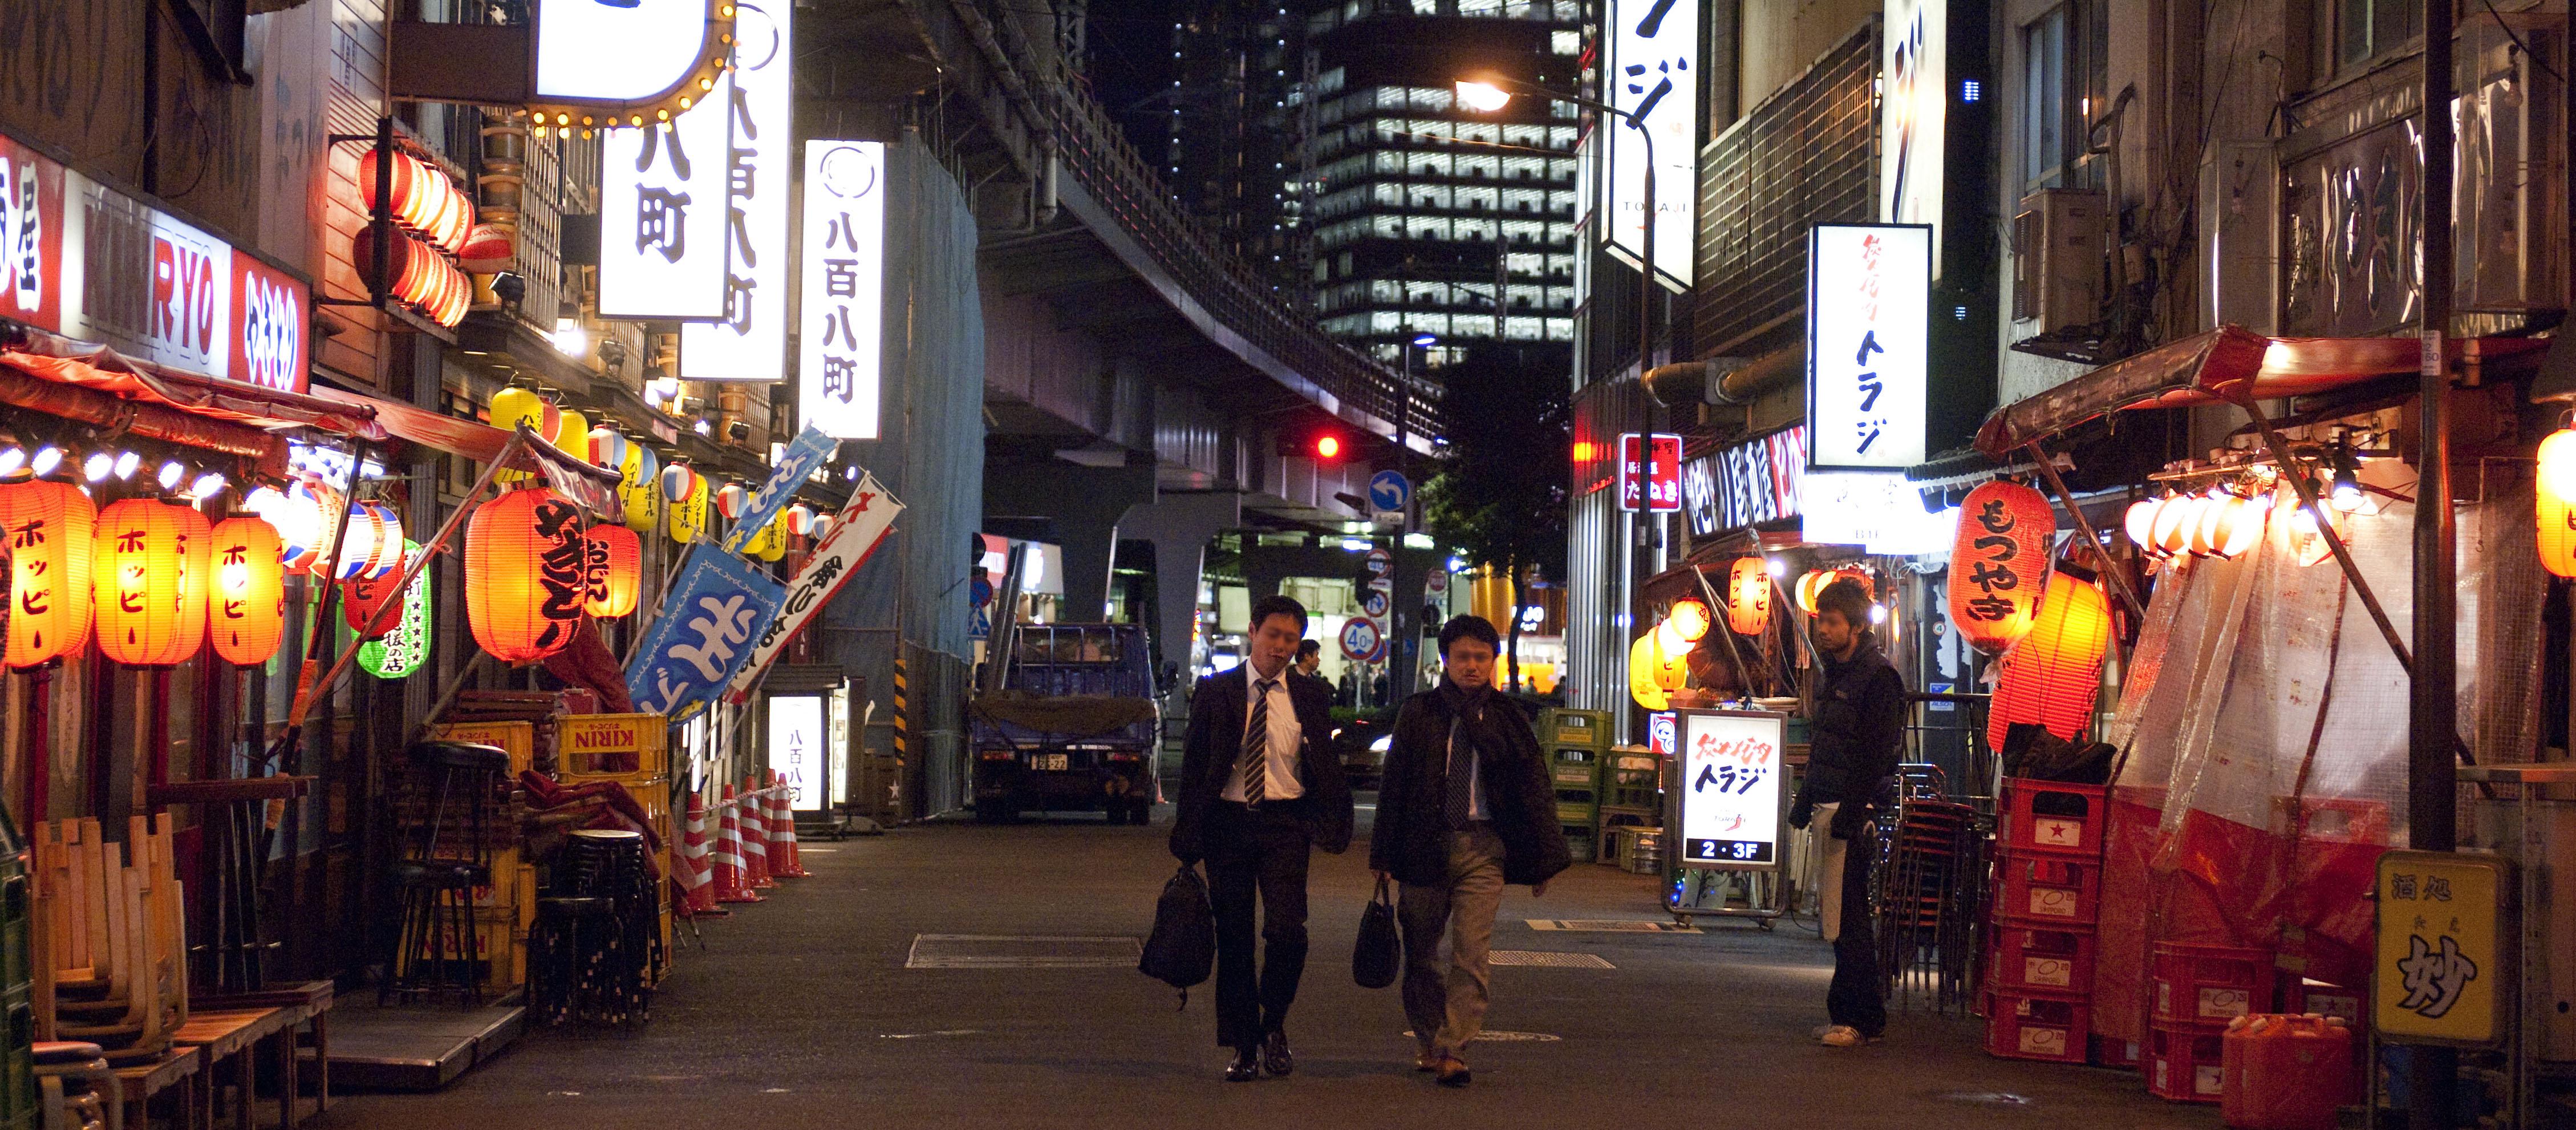 日本何時解封?什麼時候能去日本玩?日本疫情相關資訊整理(不斷更新)